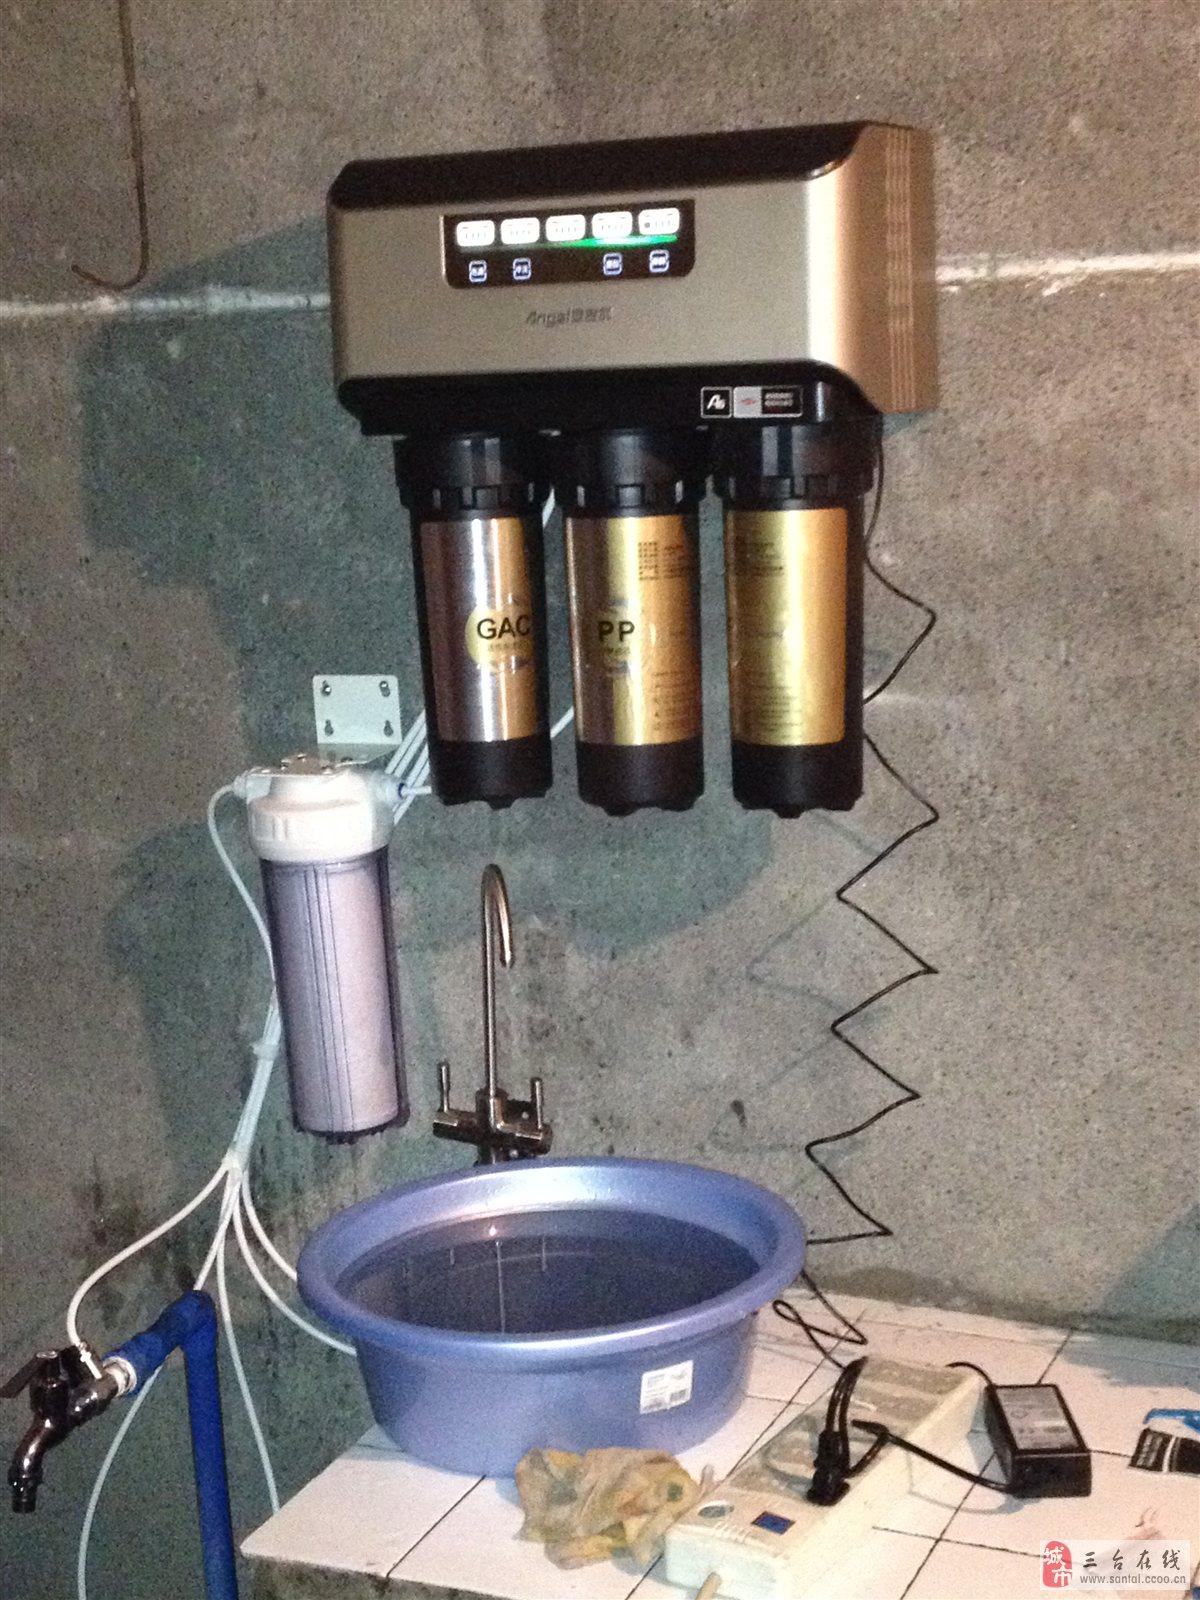 安吉尔纯净水怎么样_安吉尔净水器安装_安吉尔净水器安装图_捏游